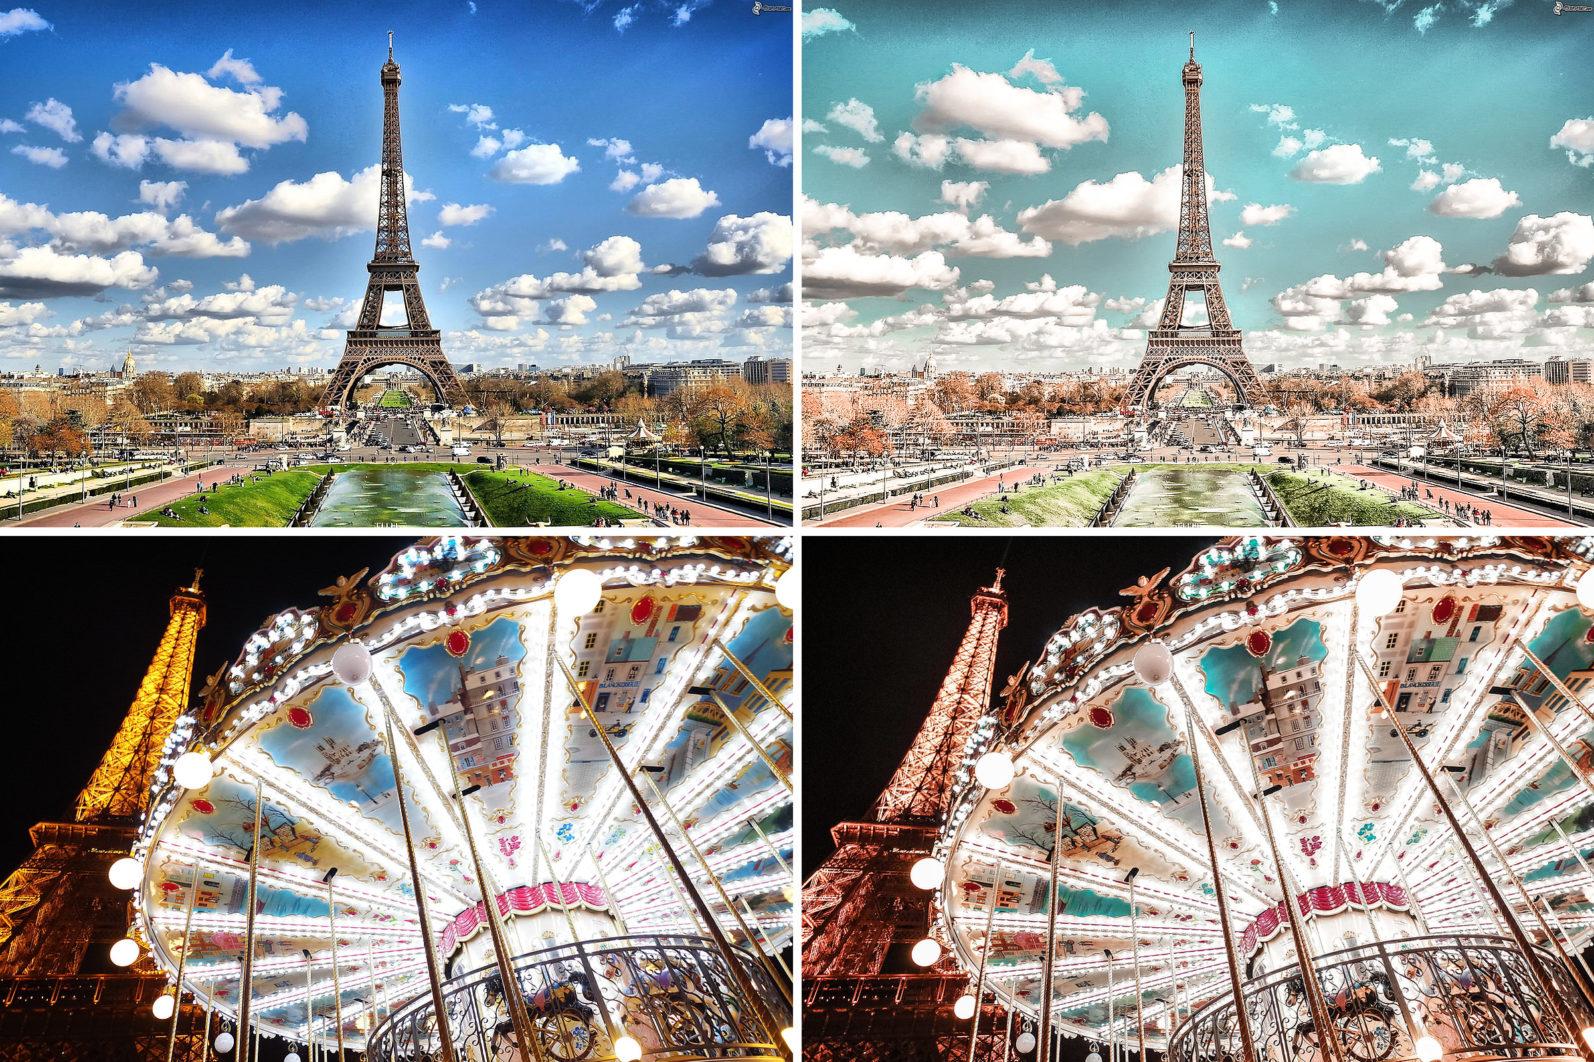 37. Life Paris - 37.LIFEPARIS 4 -